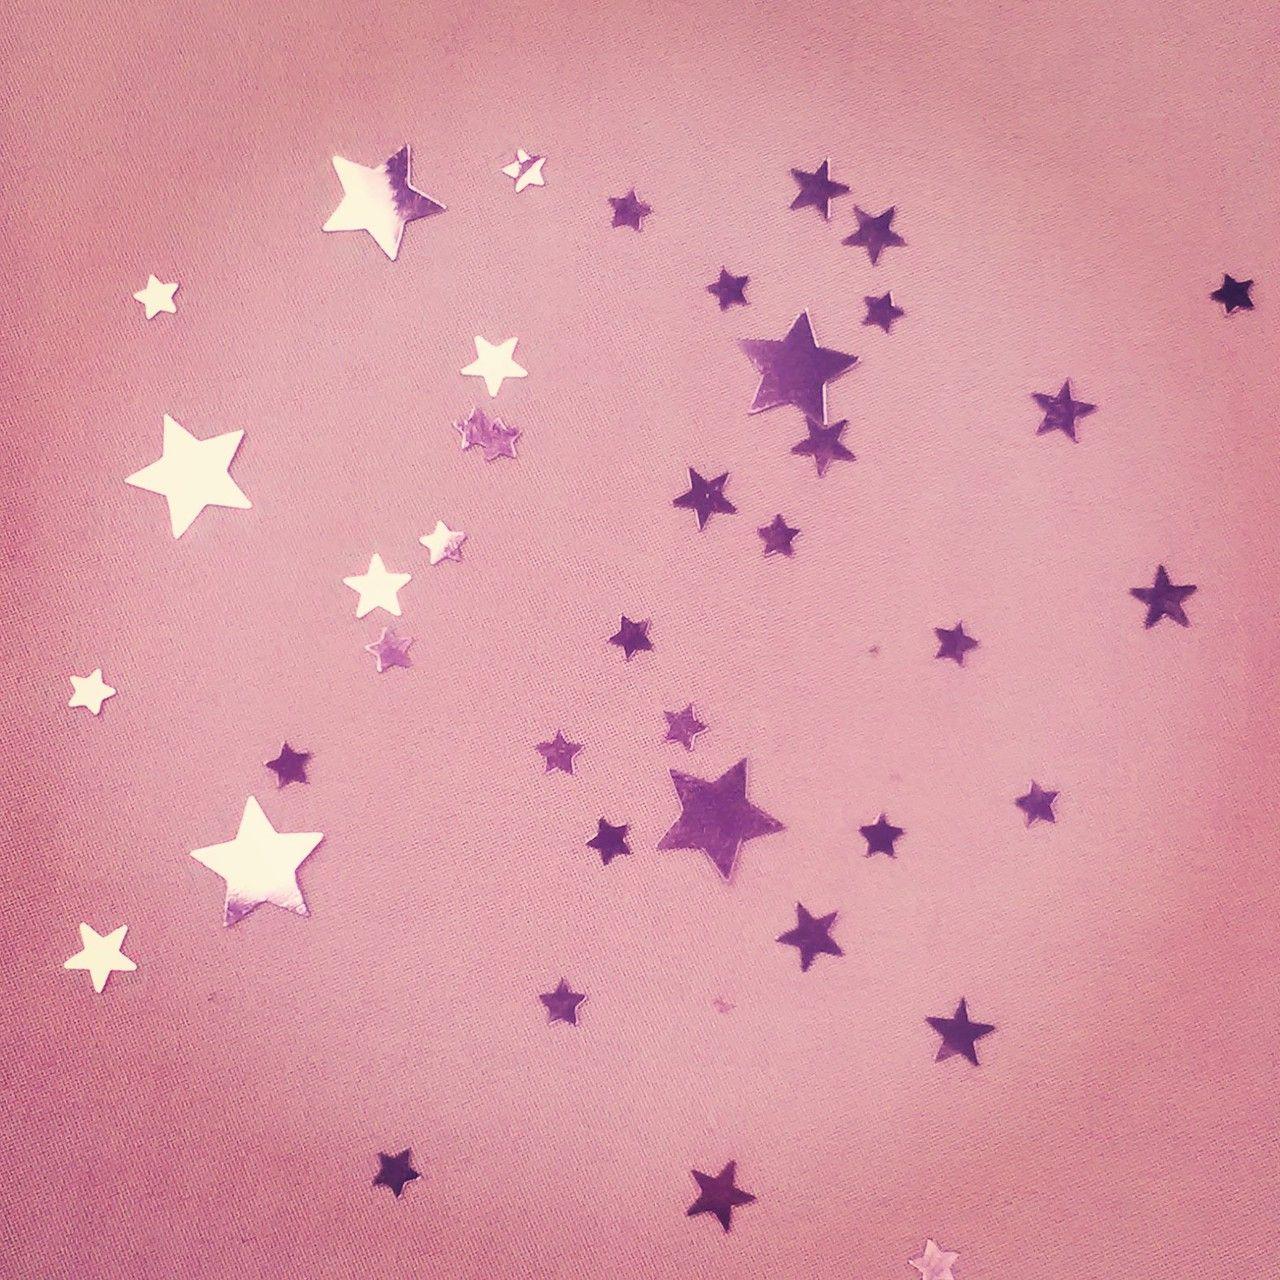 星」おしゃれまとめの人気アイデア|pinterest |たかこ | pinterest